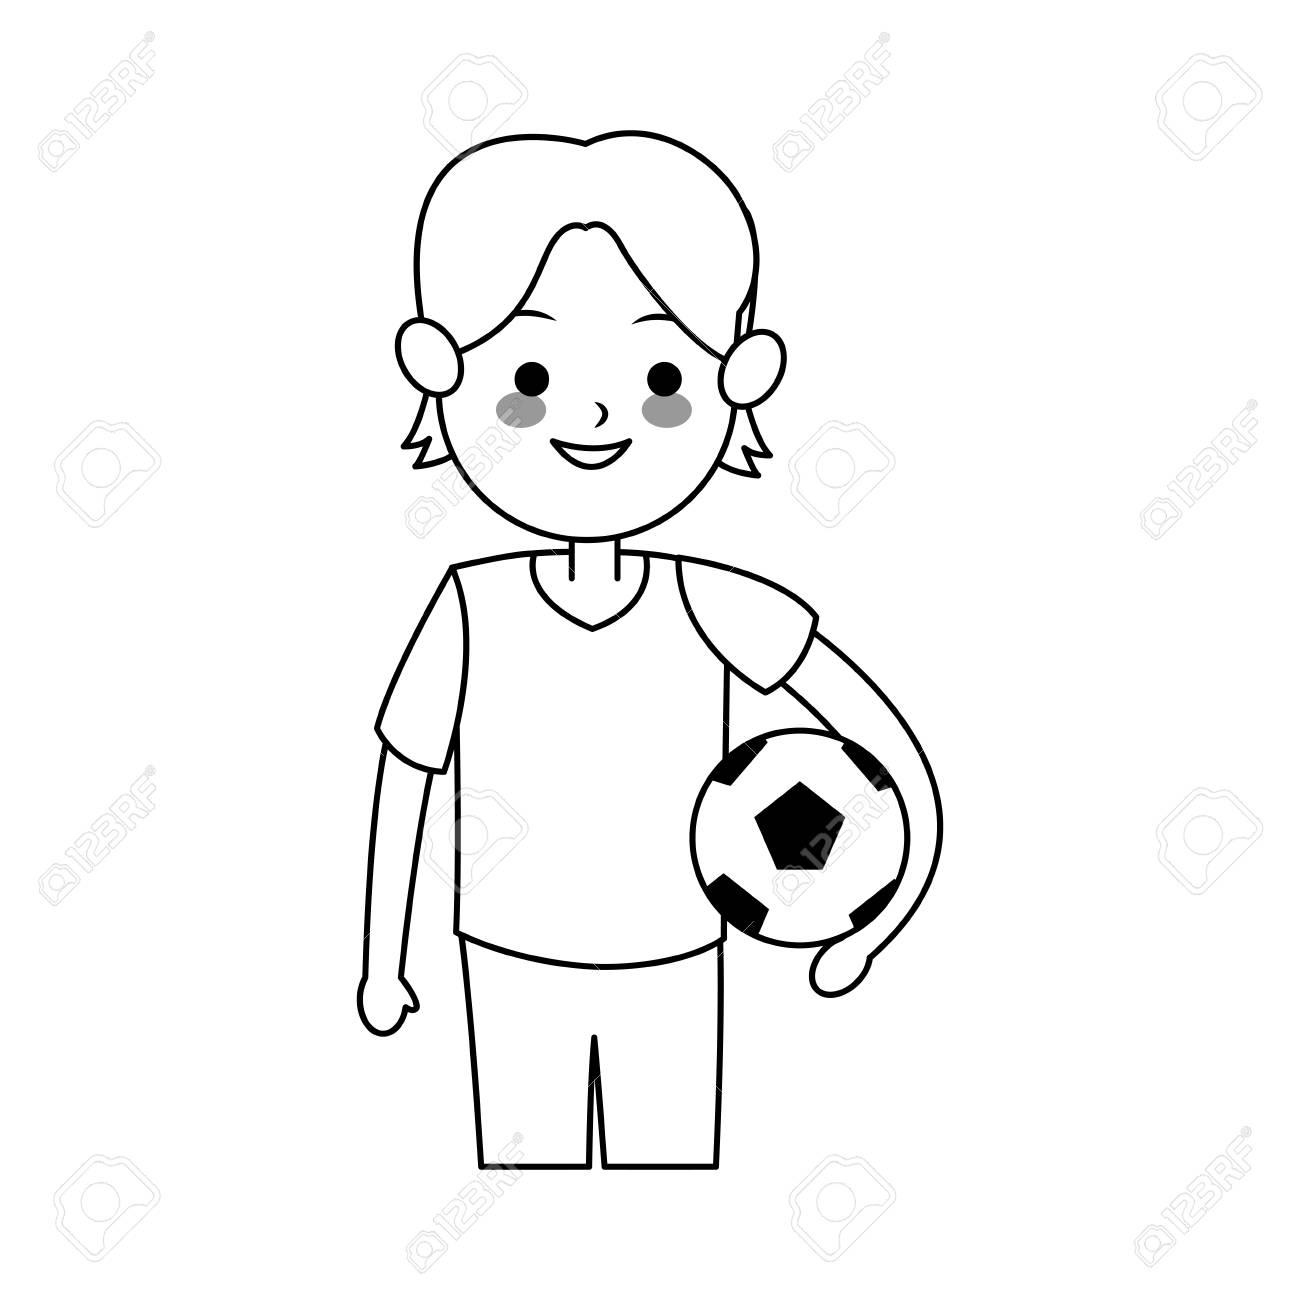 少年サッカー ボールかわいい漫画アイコン画像ベクトル イラスト